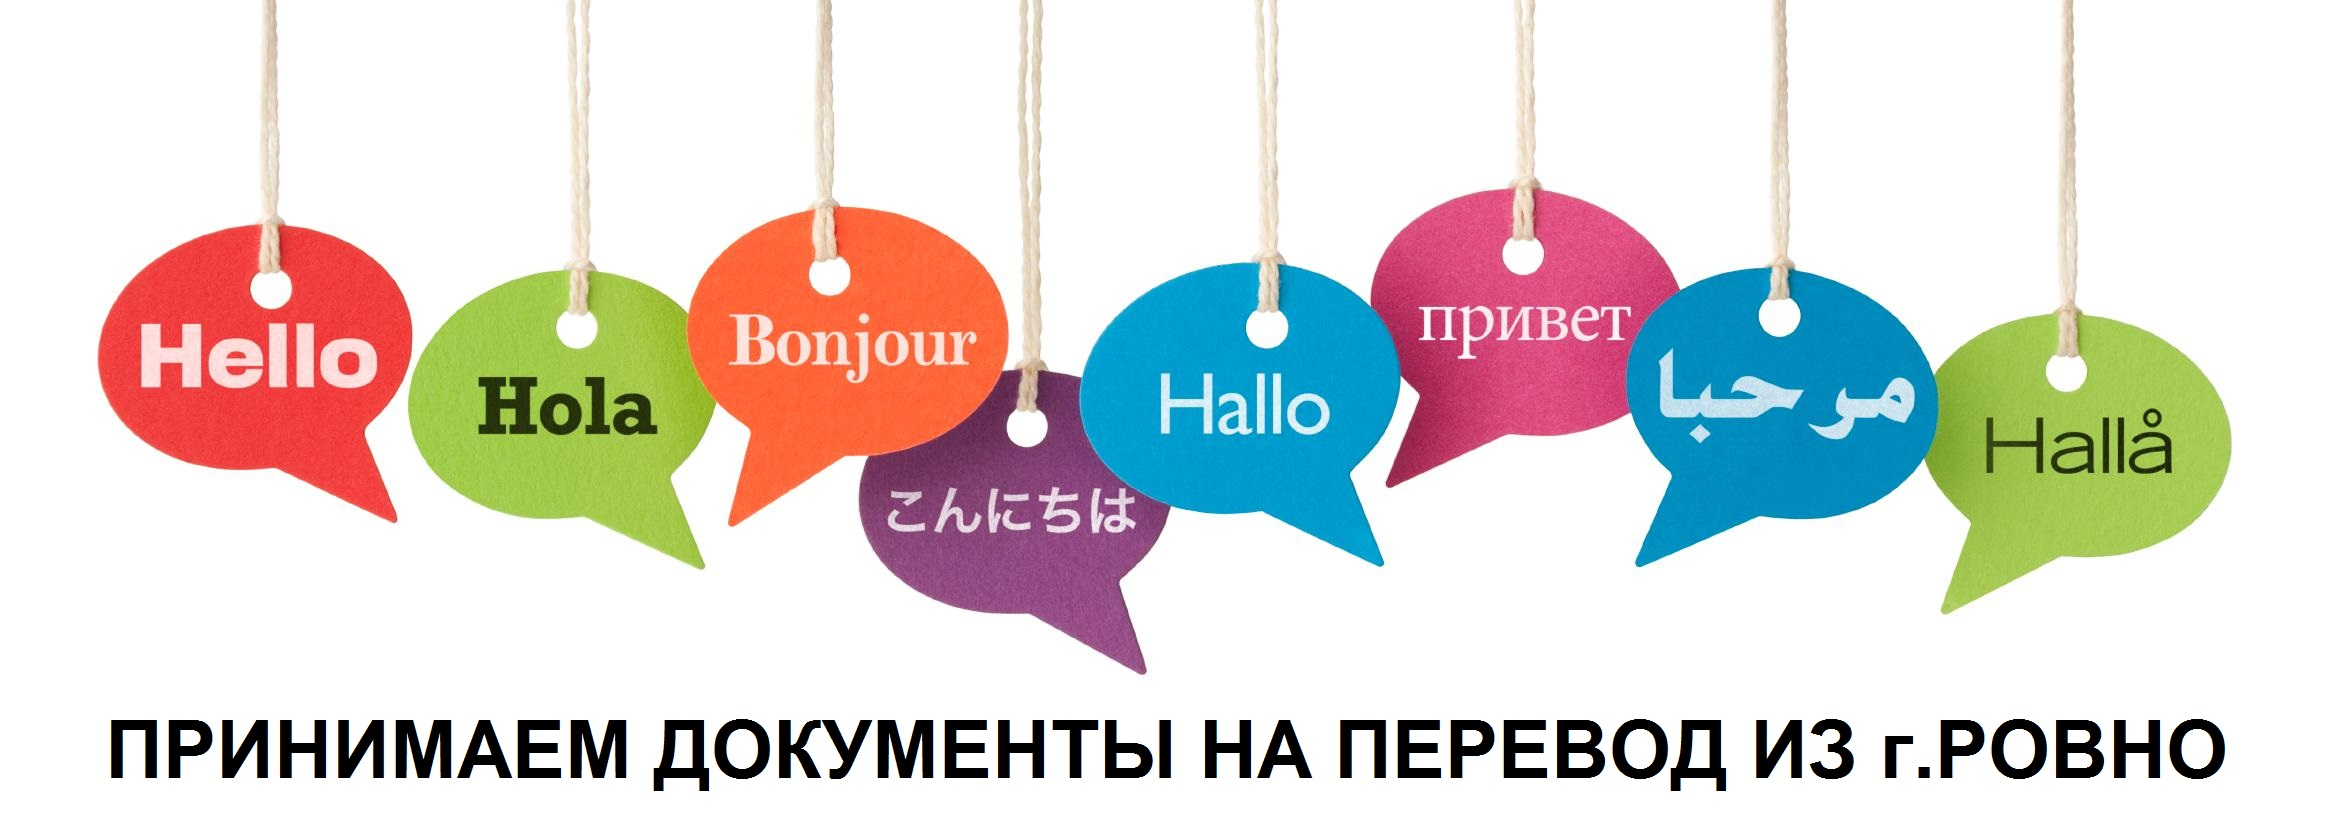 ПРИНИМАЕМ ДОКУМЕНТЫ НА ПЕРЕВОД ИЗ г.РОВНО - SpravkaInform.com.ua